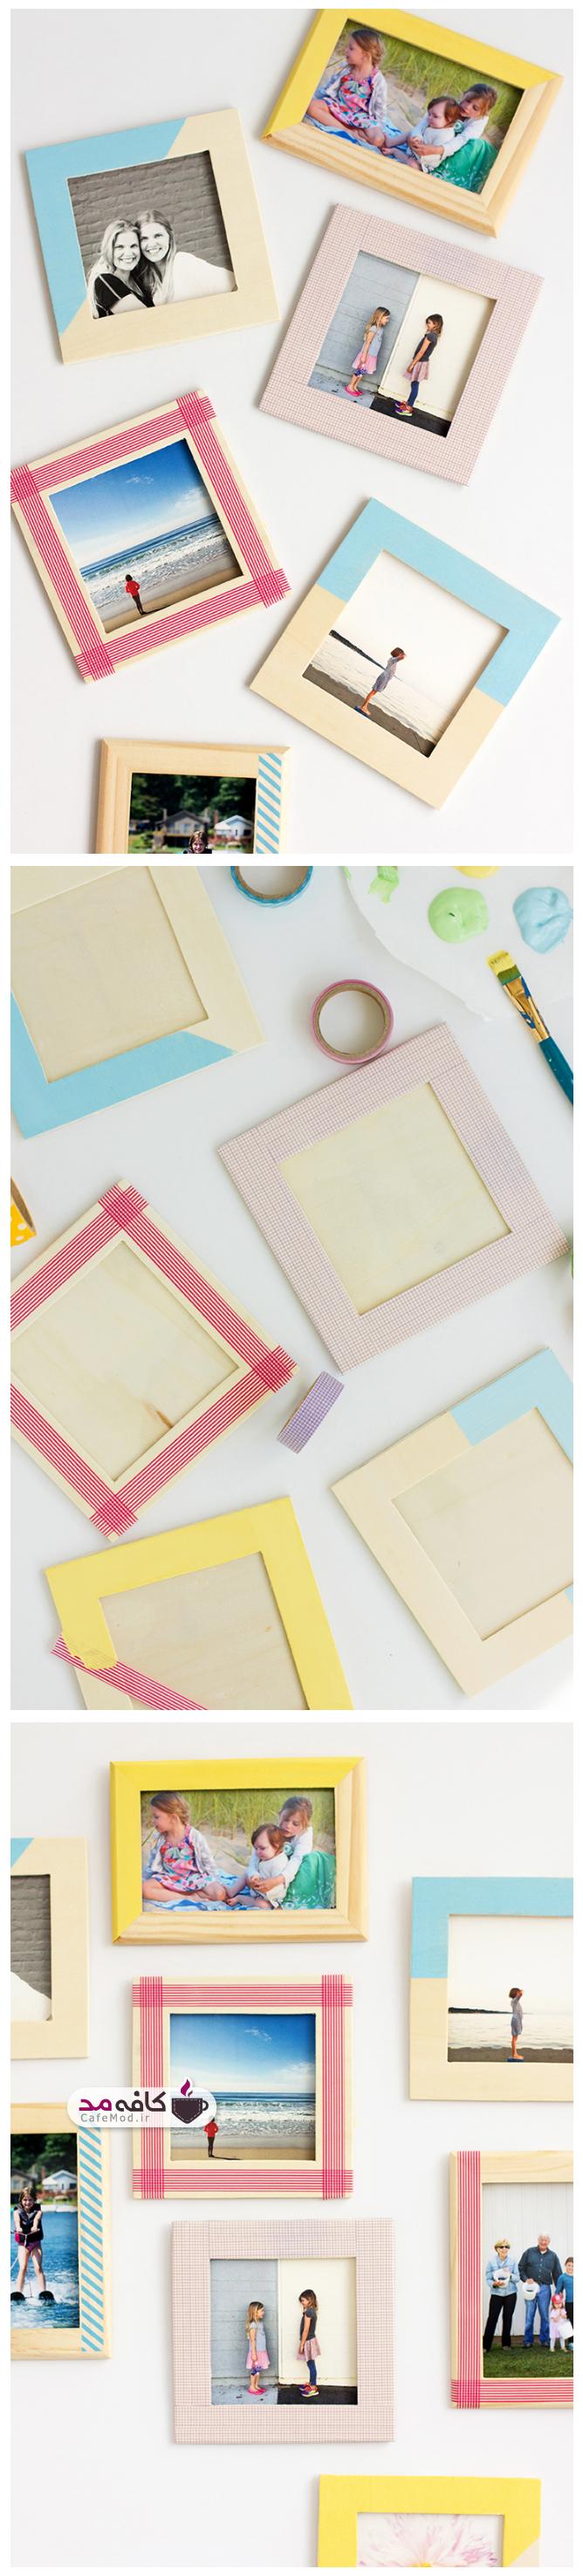 آموزش تصویری تزیین قاب عکس با چسب و رنگ